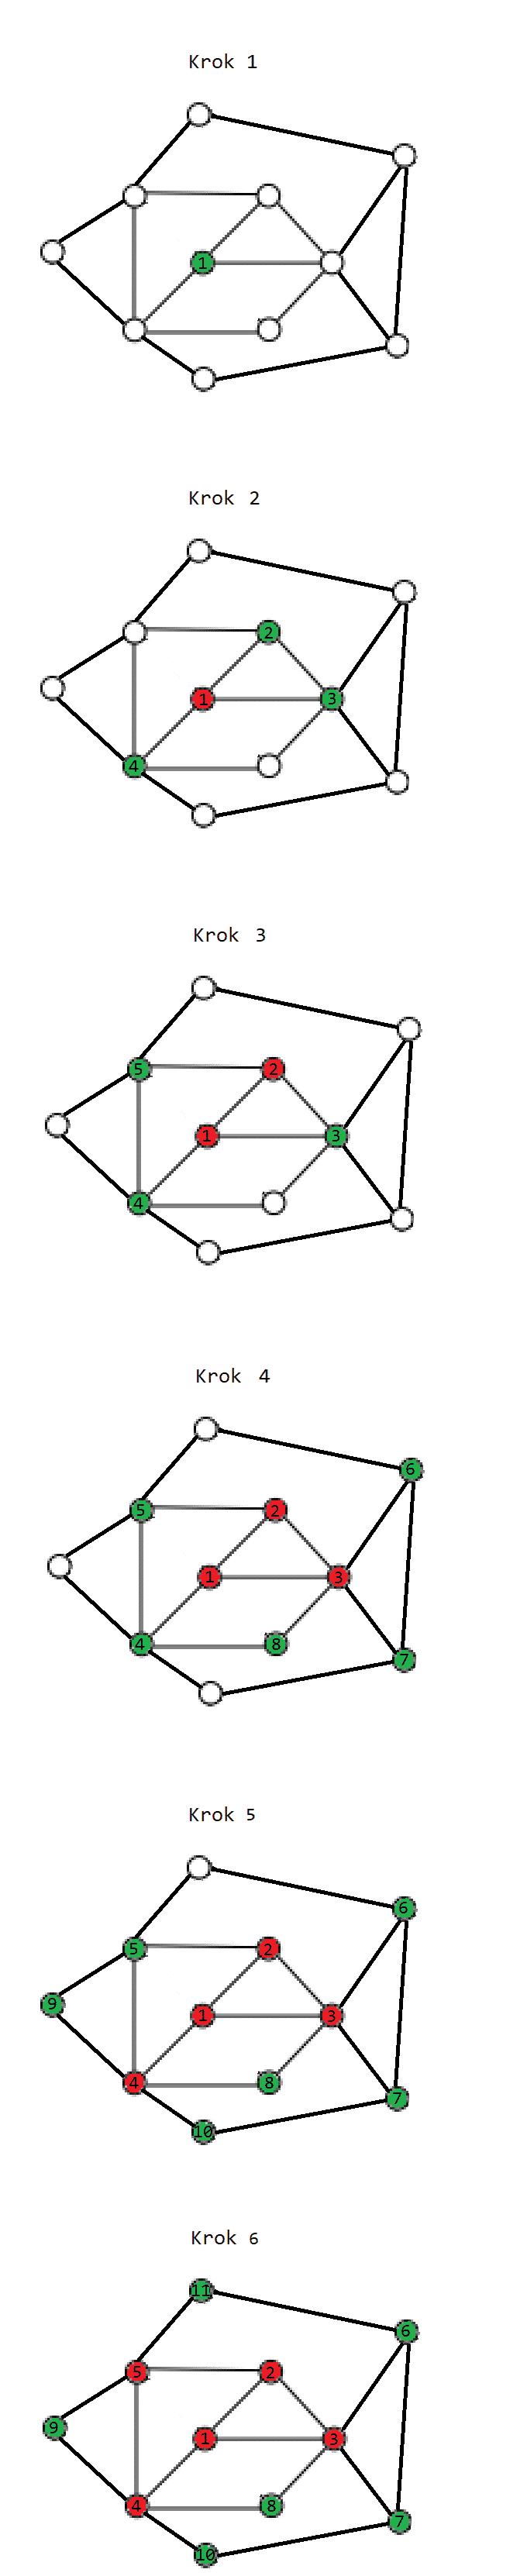 Przechodzenie grafu wszerz